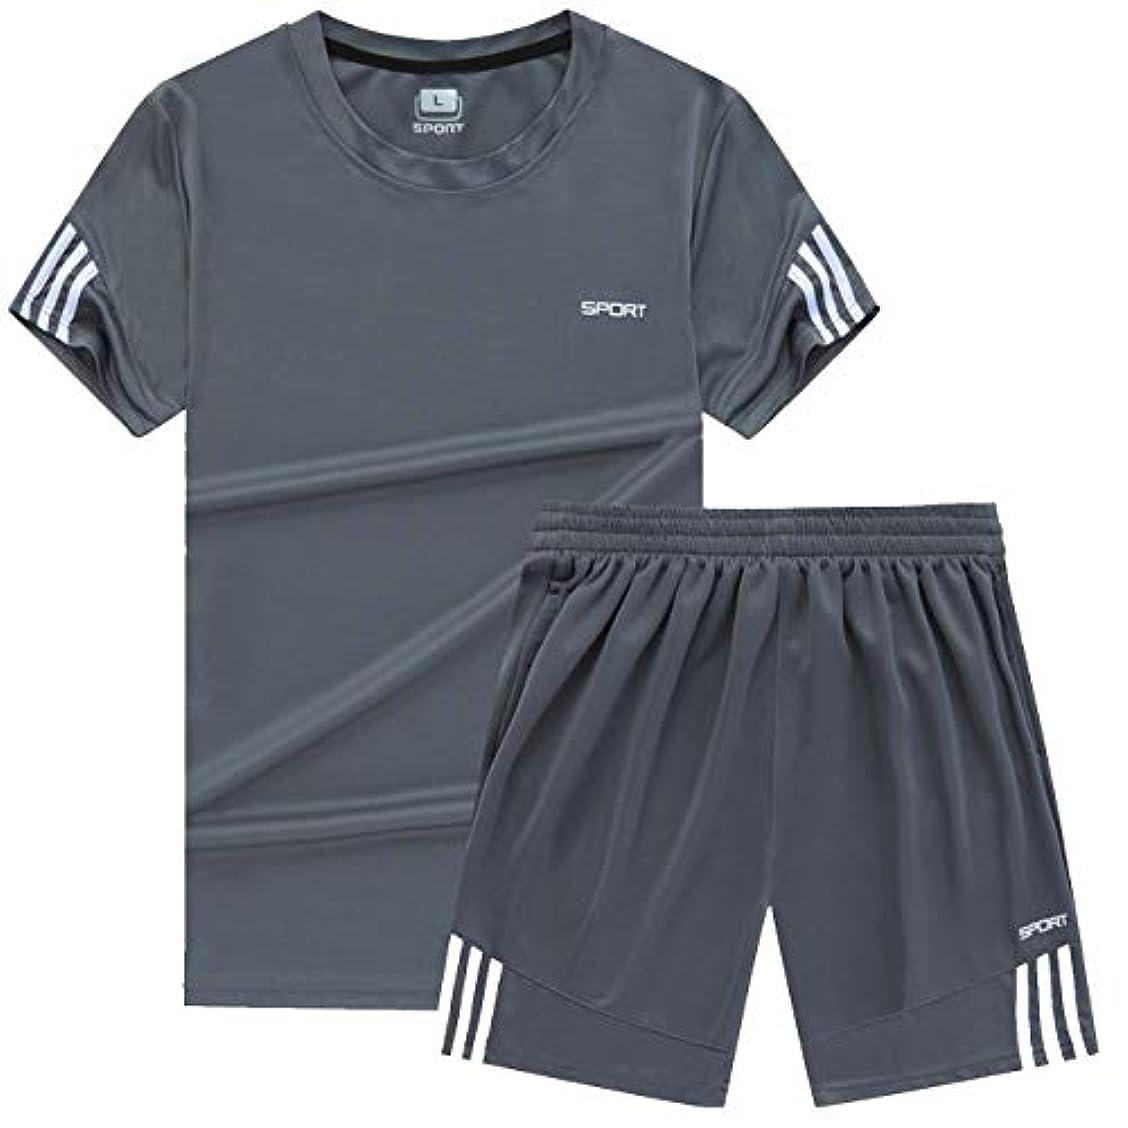 丈夫重量魅了する[ココチエ] スポーツウェア メンズ 半袖 短パン 上下 tシャツ 大きめ セットアップ 部屋着 夏